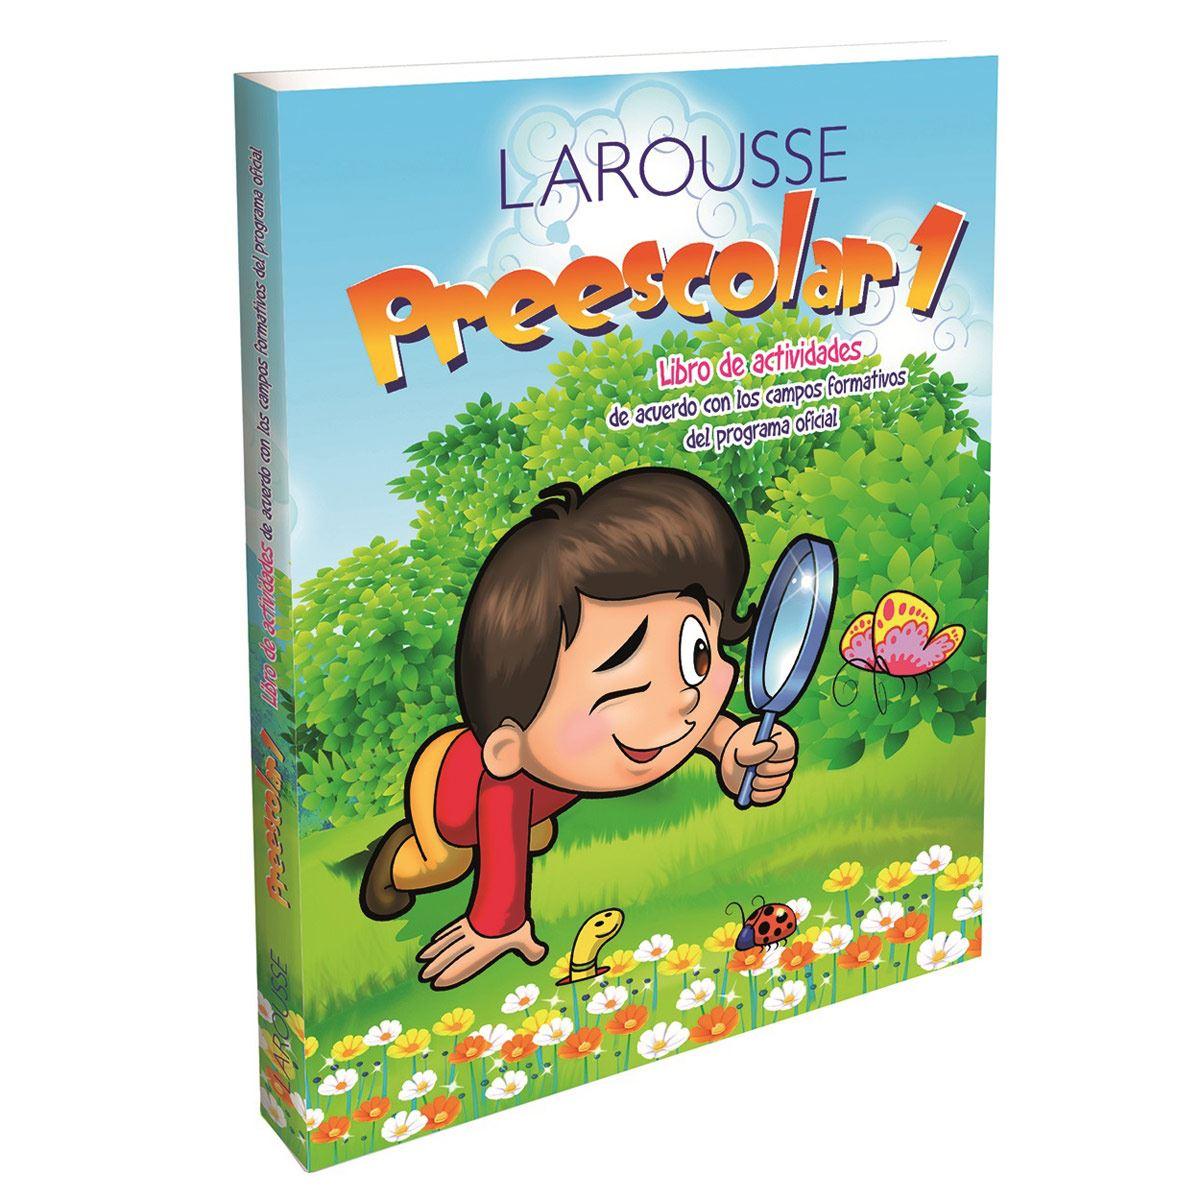 Preescolar 1